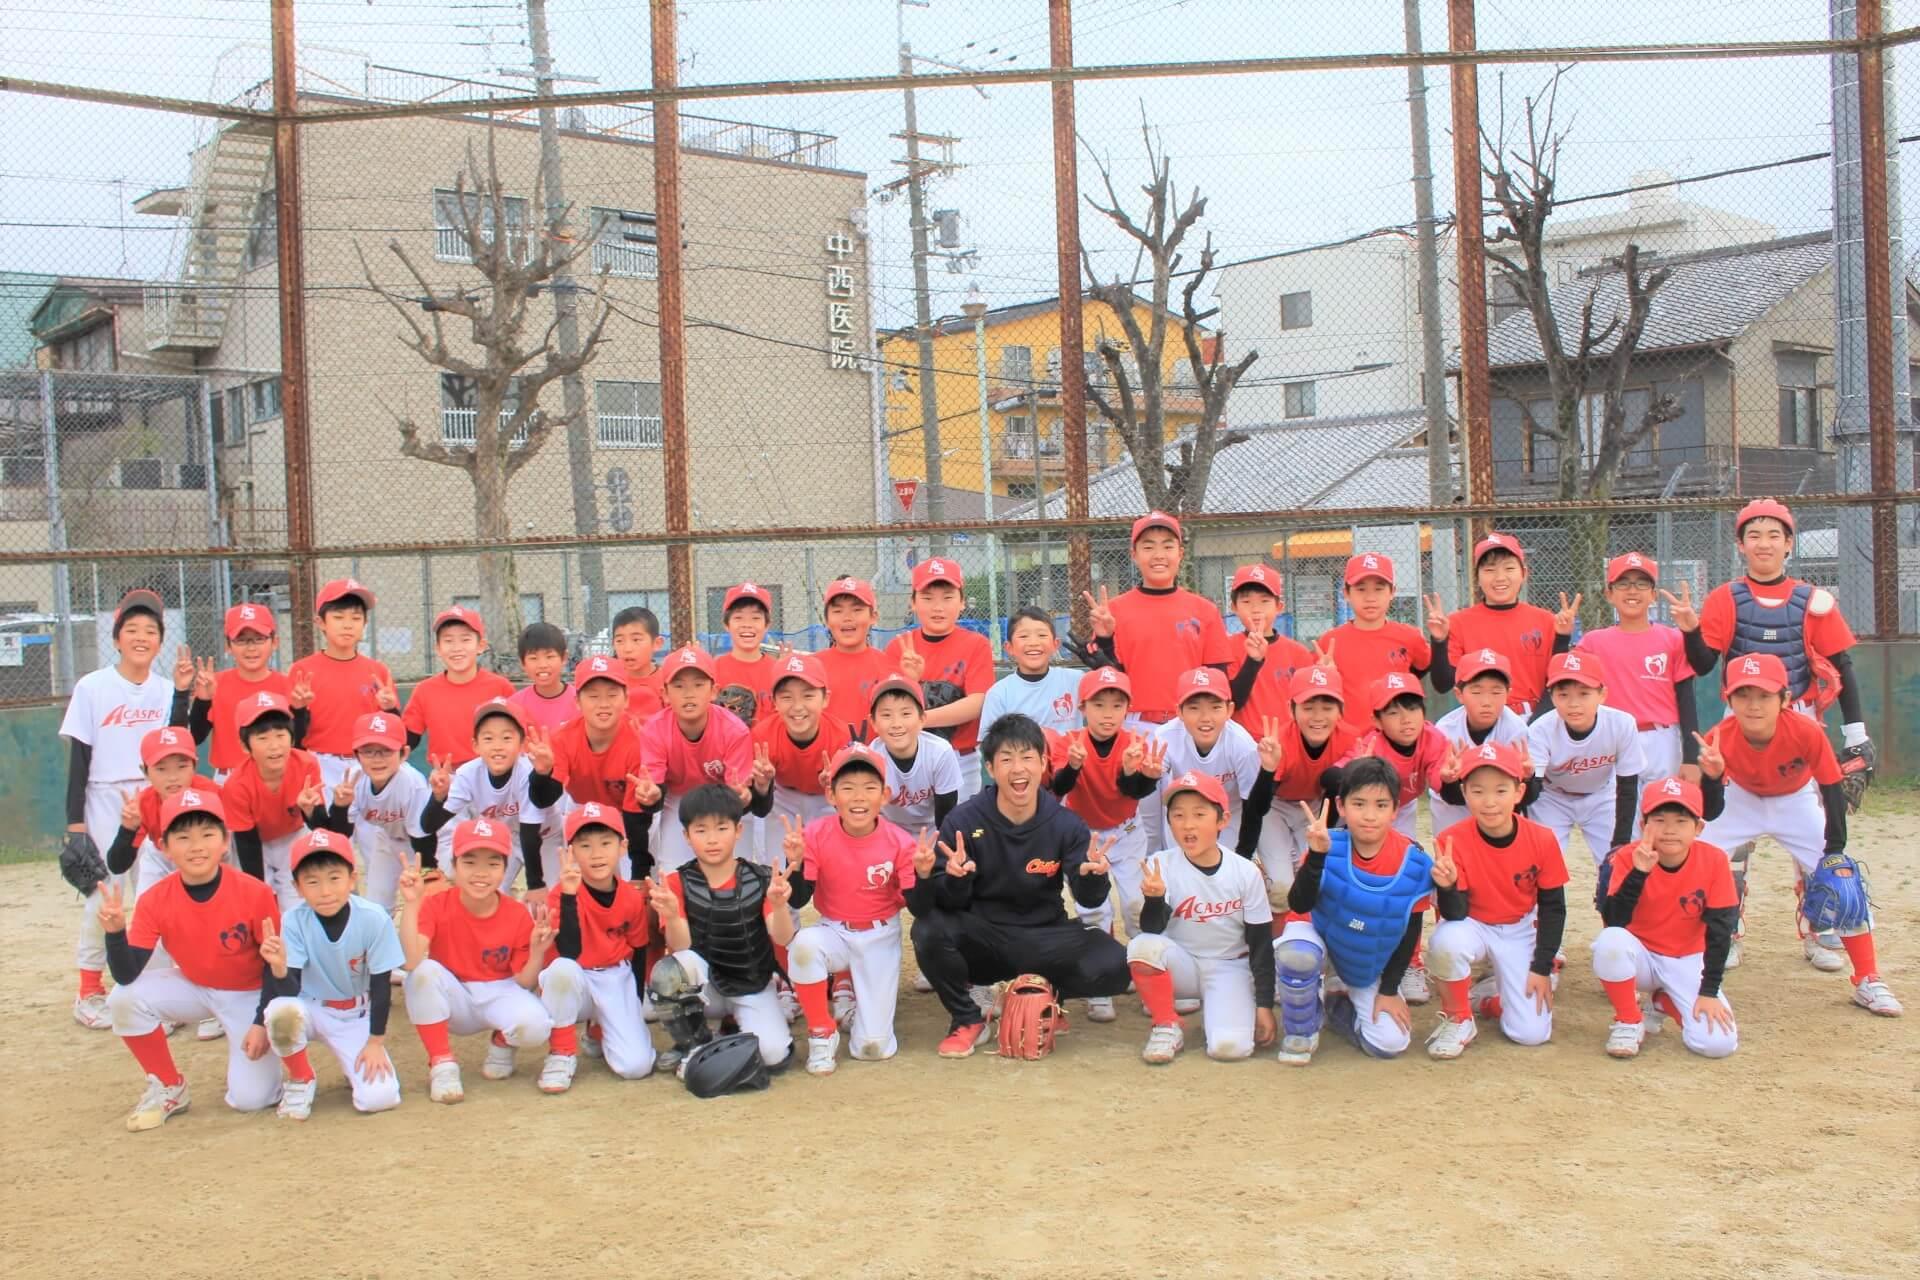 【野球力育成プログラム2020】元智弁和歌山野球部長 古宮克人先生